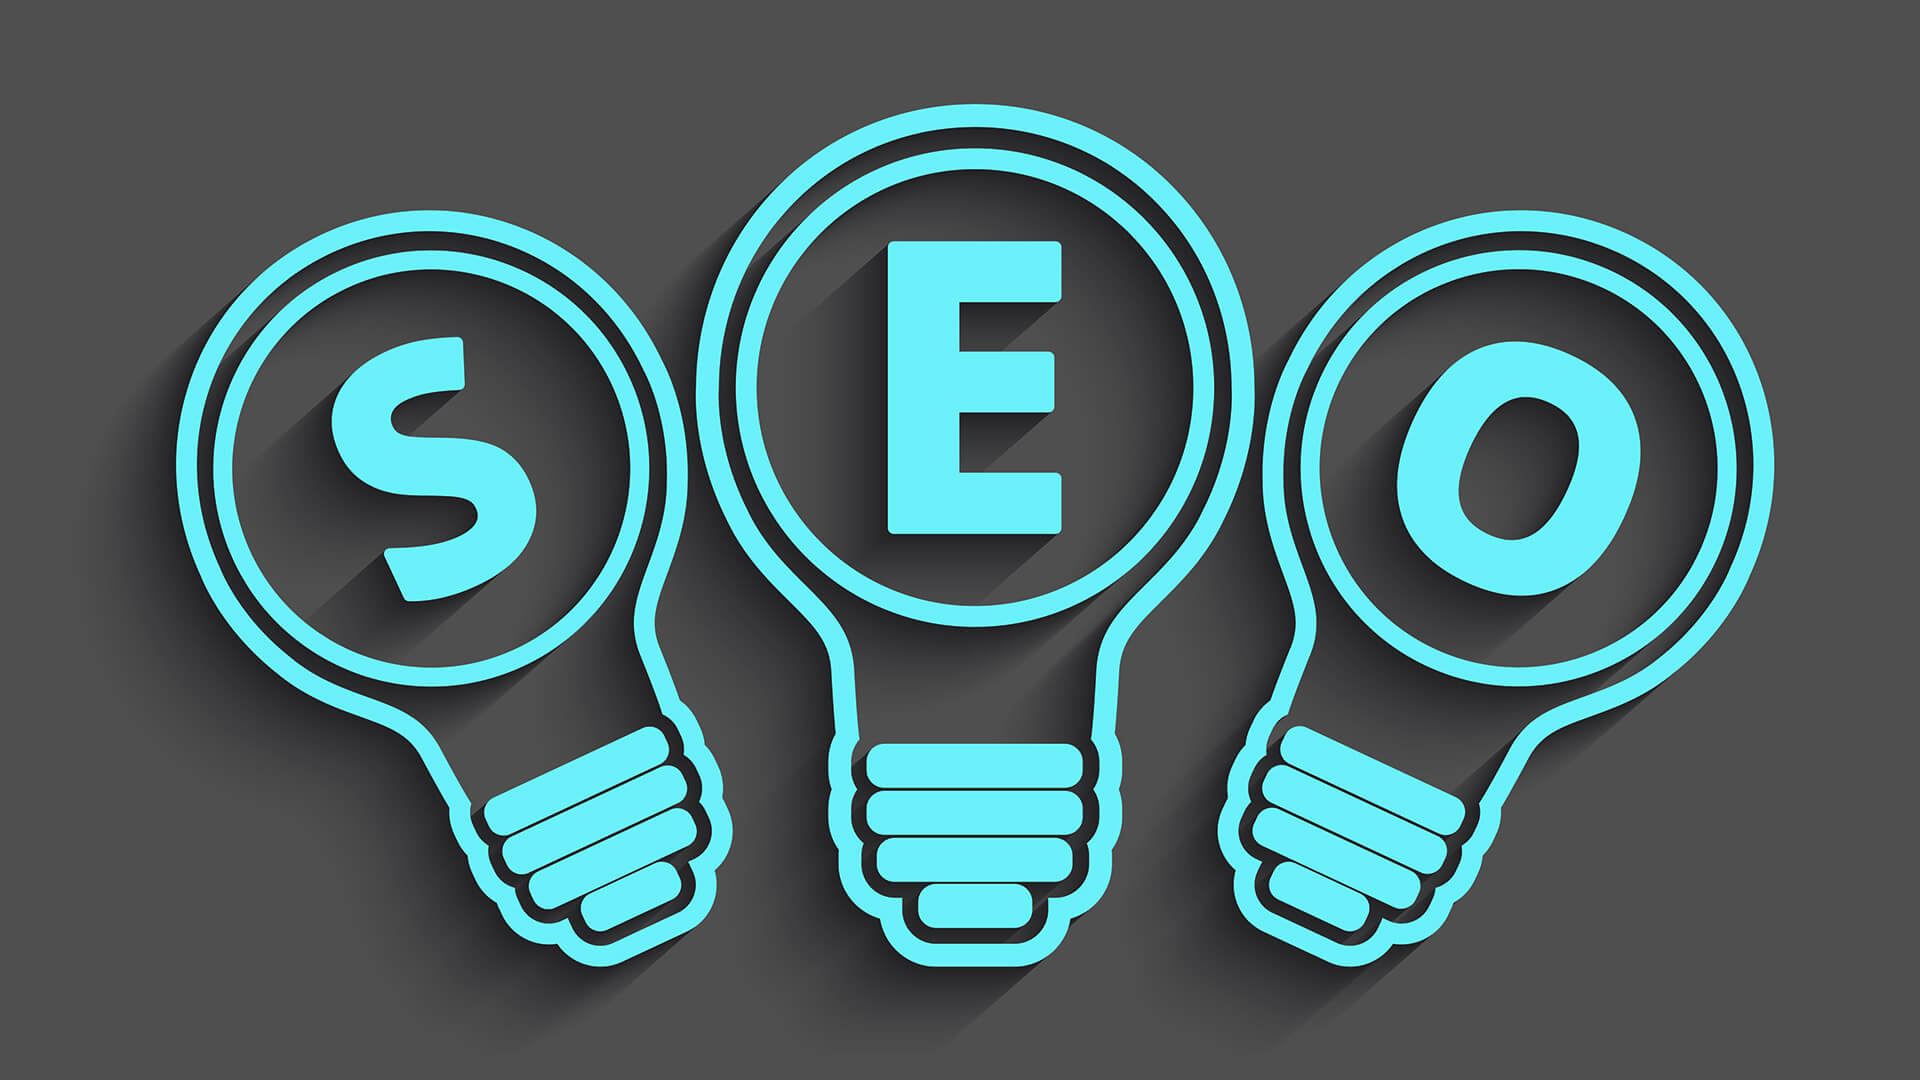 Vad är SEO (sökordsoptimering)?